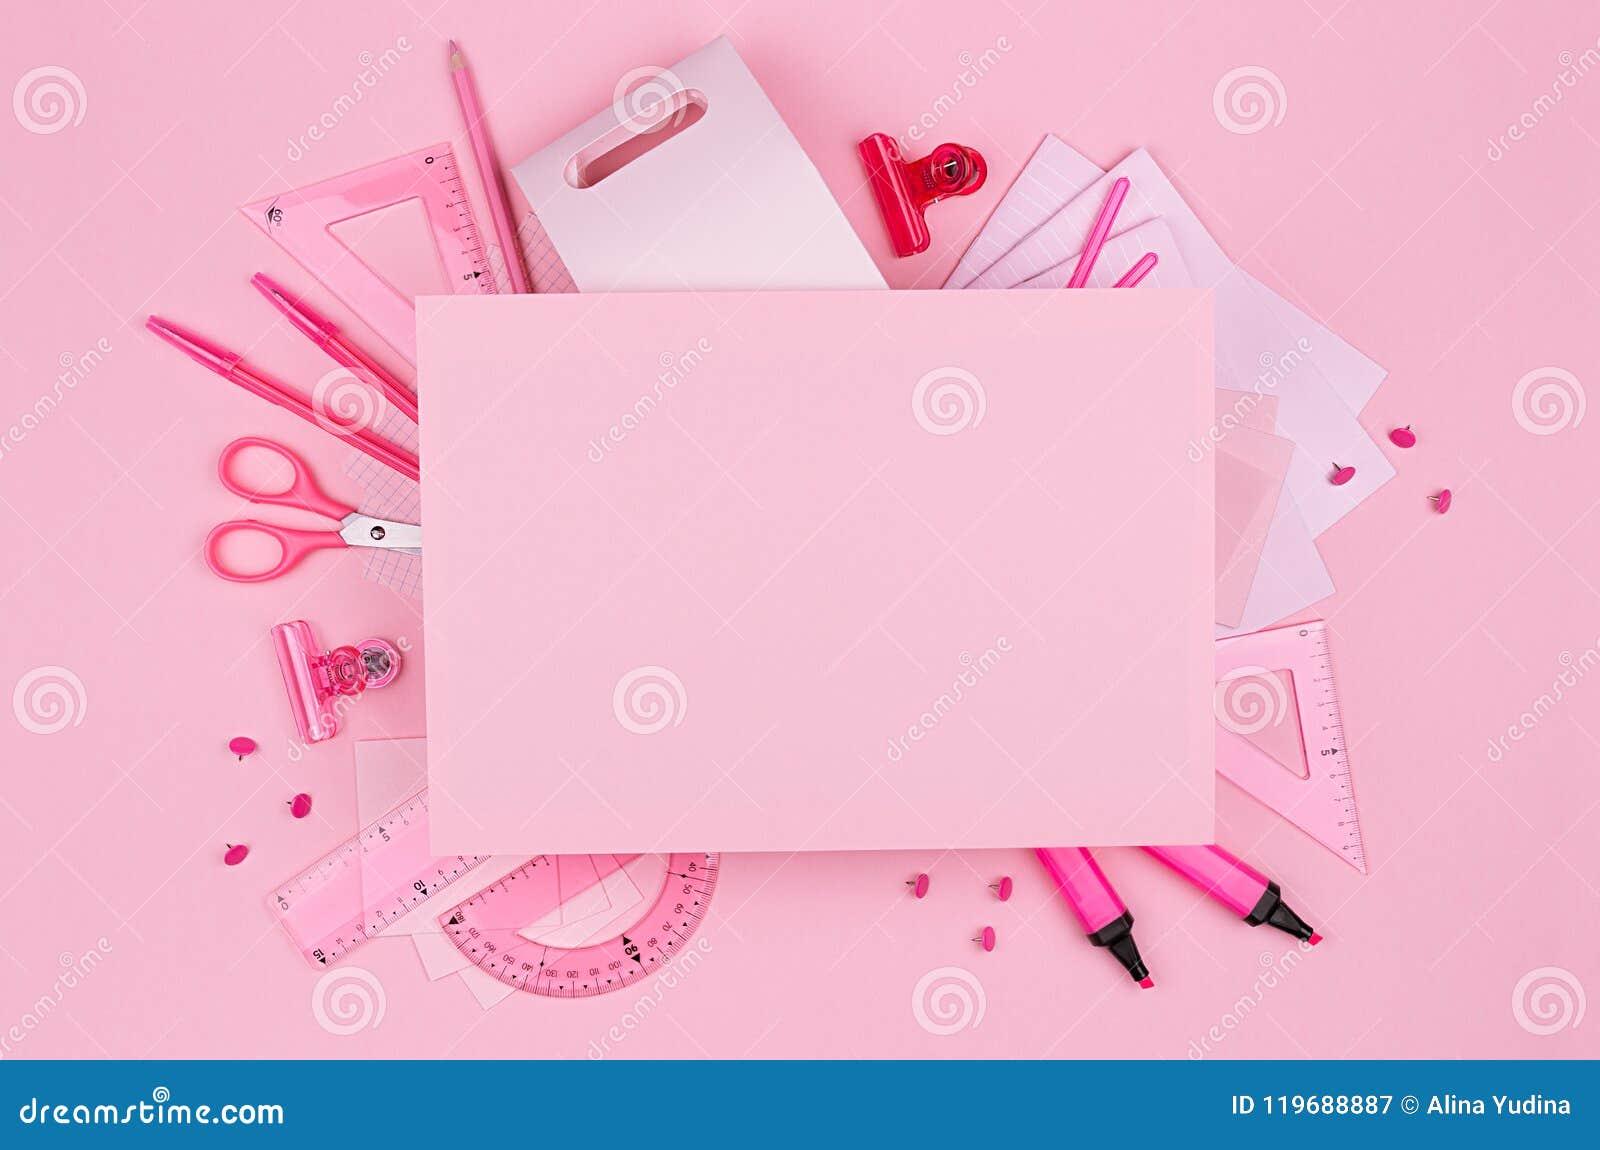 Ρόδινα έγγραφο και χαρτικά γραφείων χρώματος κρητιδογραφιών κενά που τίθενται στο ρόδινο υπόβαθρο, τέχνη έννοιας για τη διαφήμιση